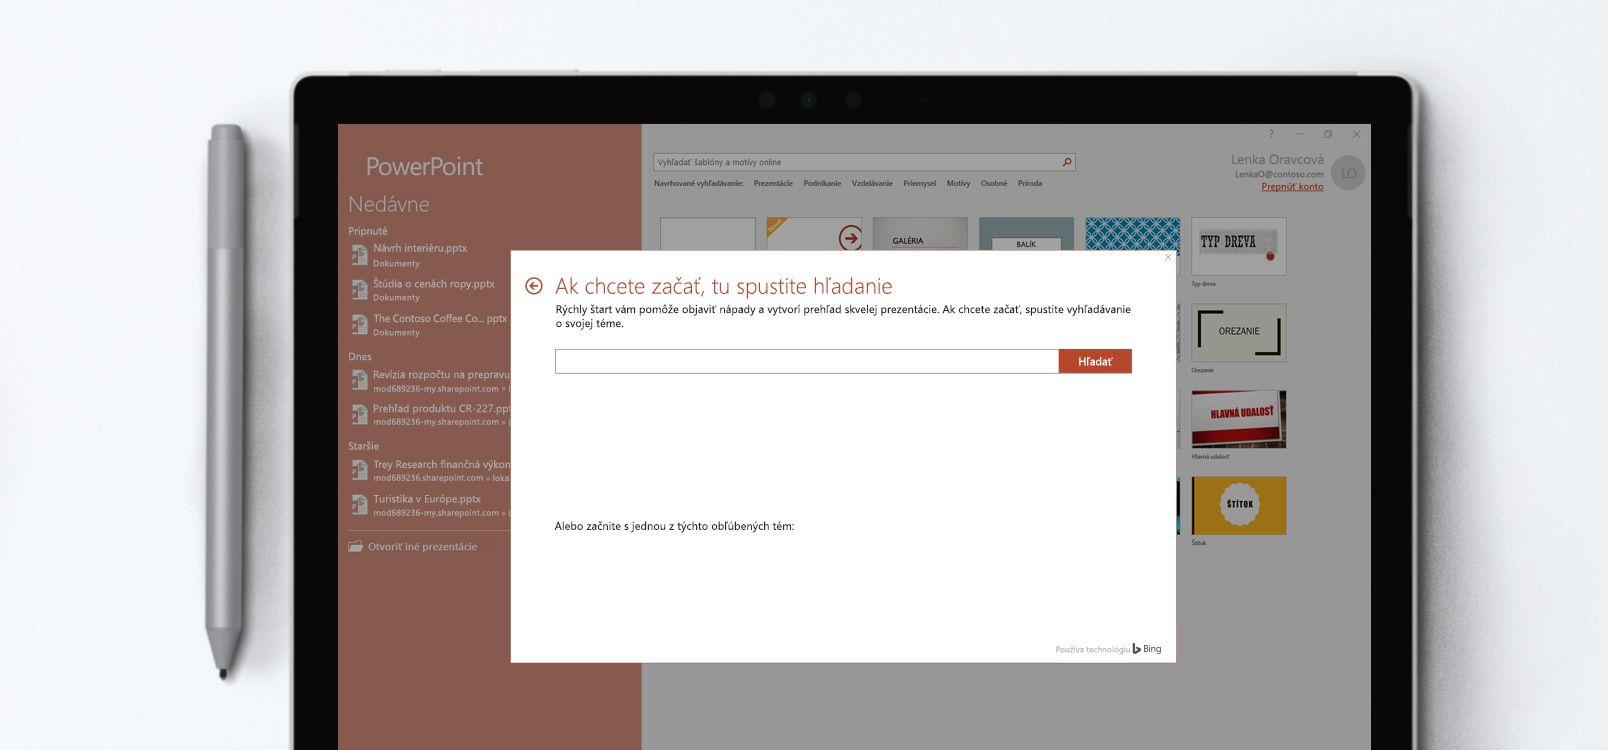 Obrazovka tabletu zobrazujúca powerpointový dokument,v ktorom sa používa funkcia Rýchly štart